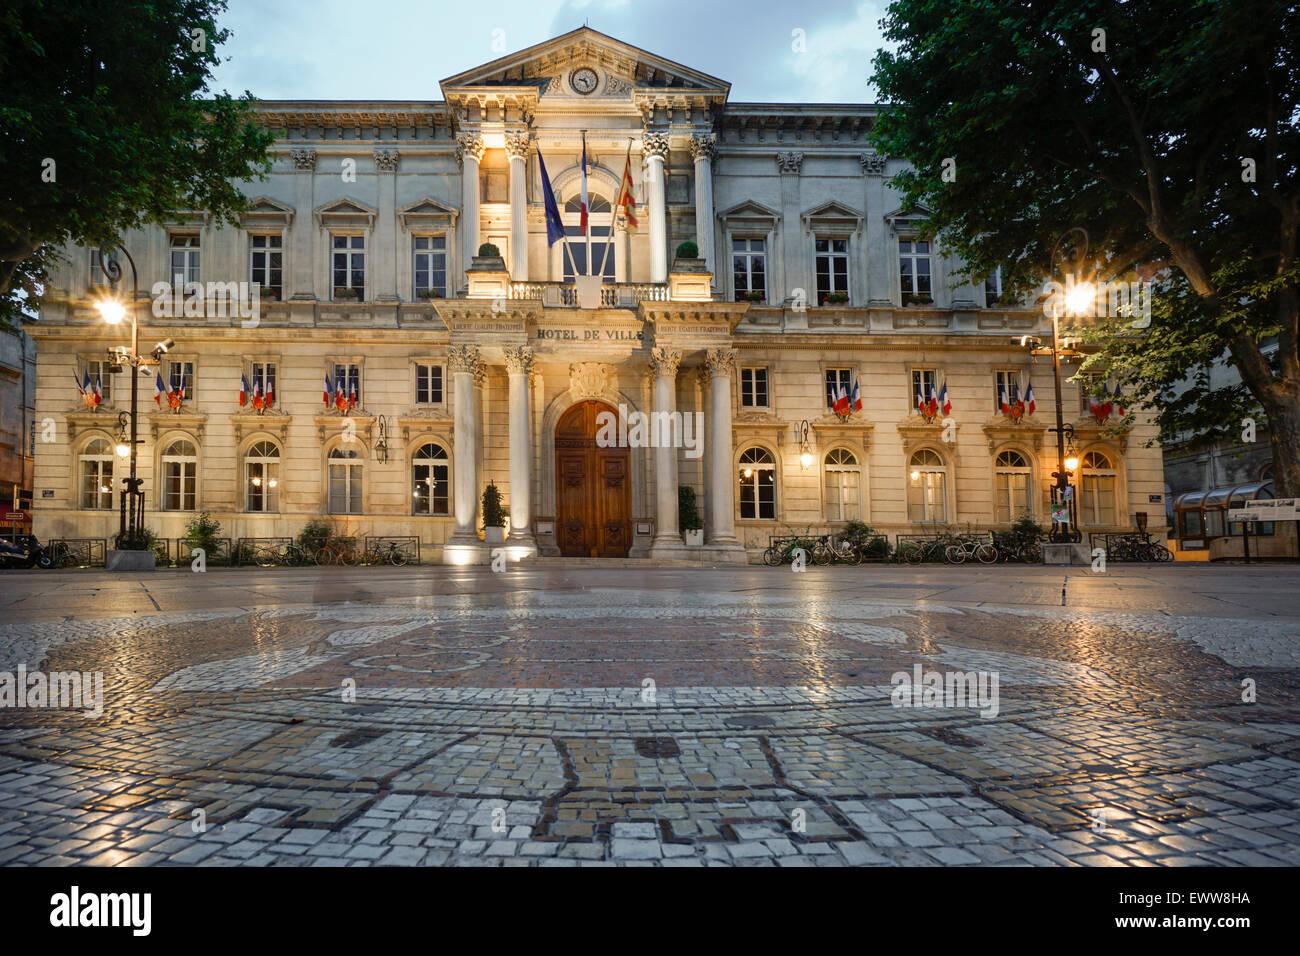 Hotel de Ville, Cobble Stone Mosaic, Avignon, Bouche du Rhone, France - Stock Image